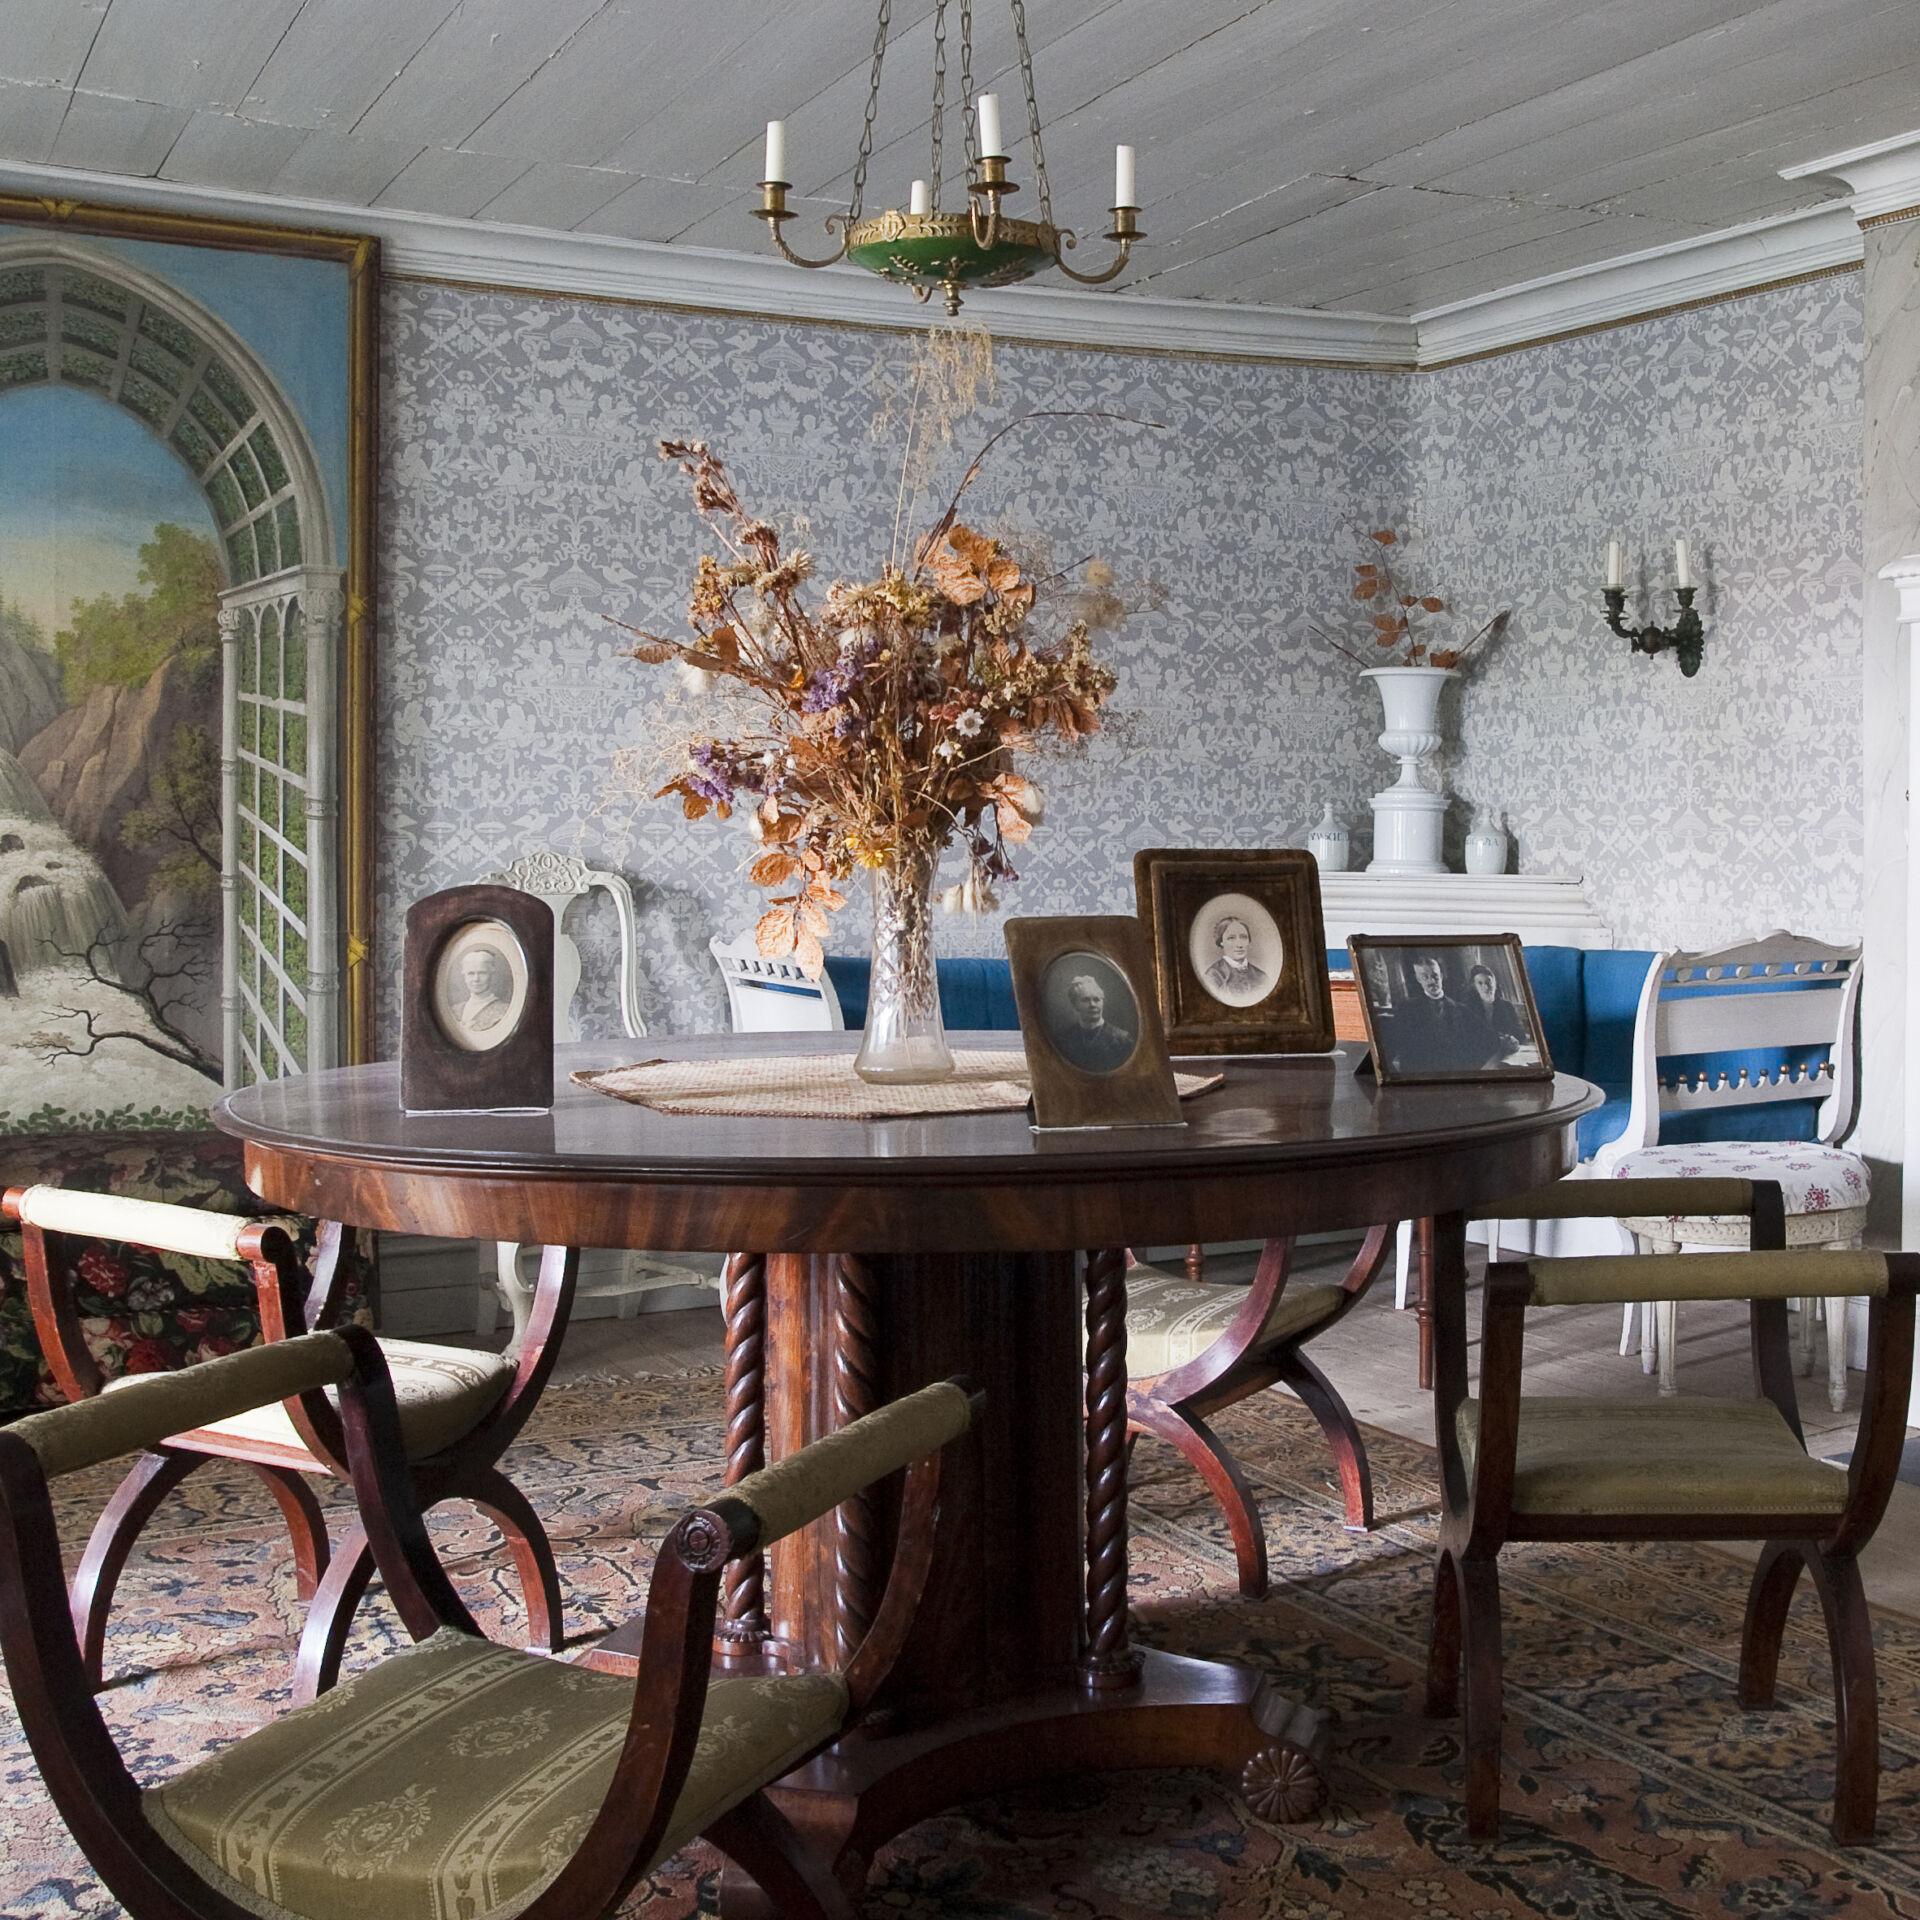 bild ifrån ett av rummen i huset, där vi ser ett bord, fyra stolar, en mönstrad tapet och en stor tavla.